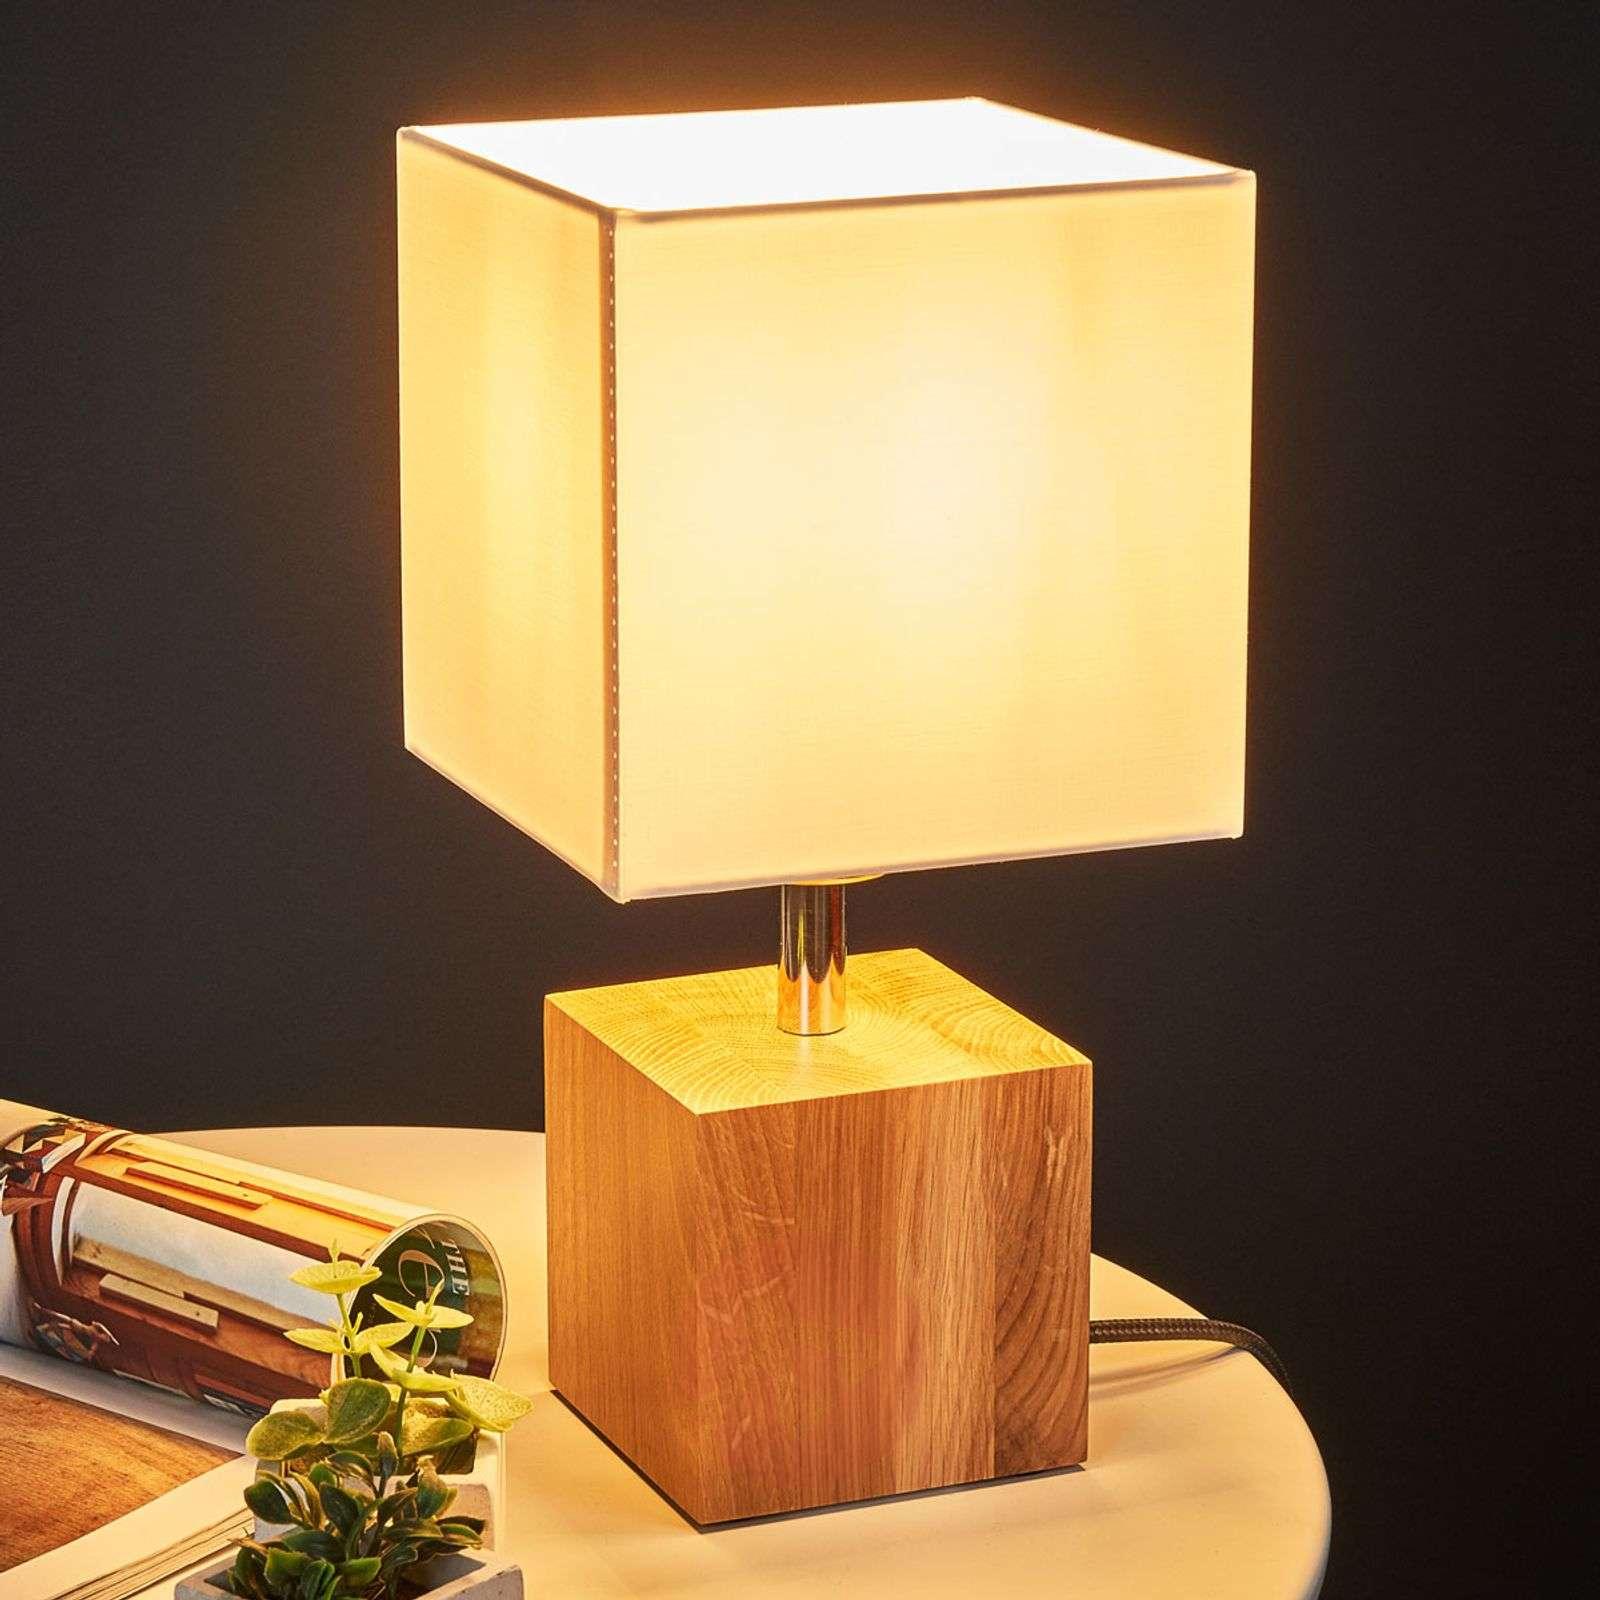 Puinen Trongo-pöytälamppu, antrasiitti johto-8574289-01